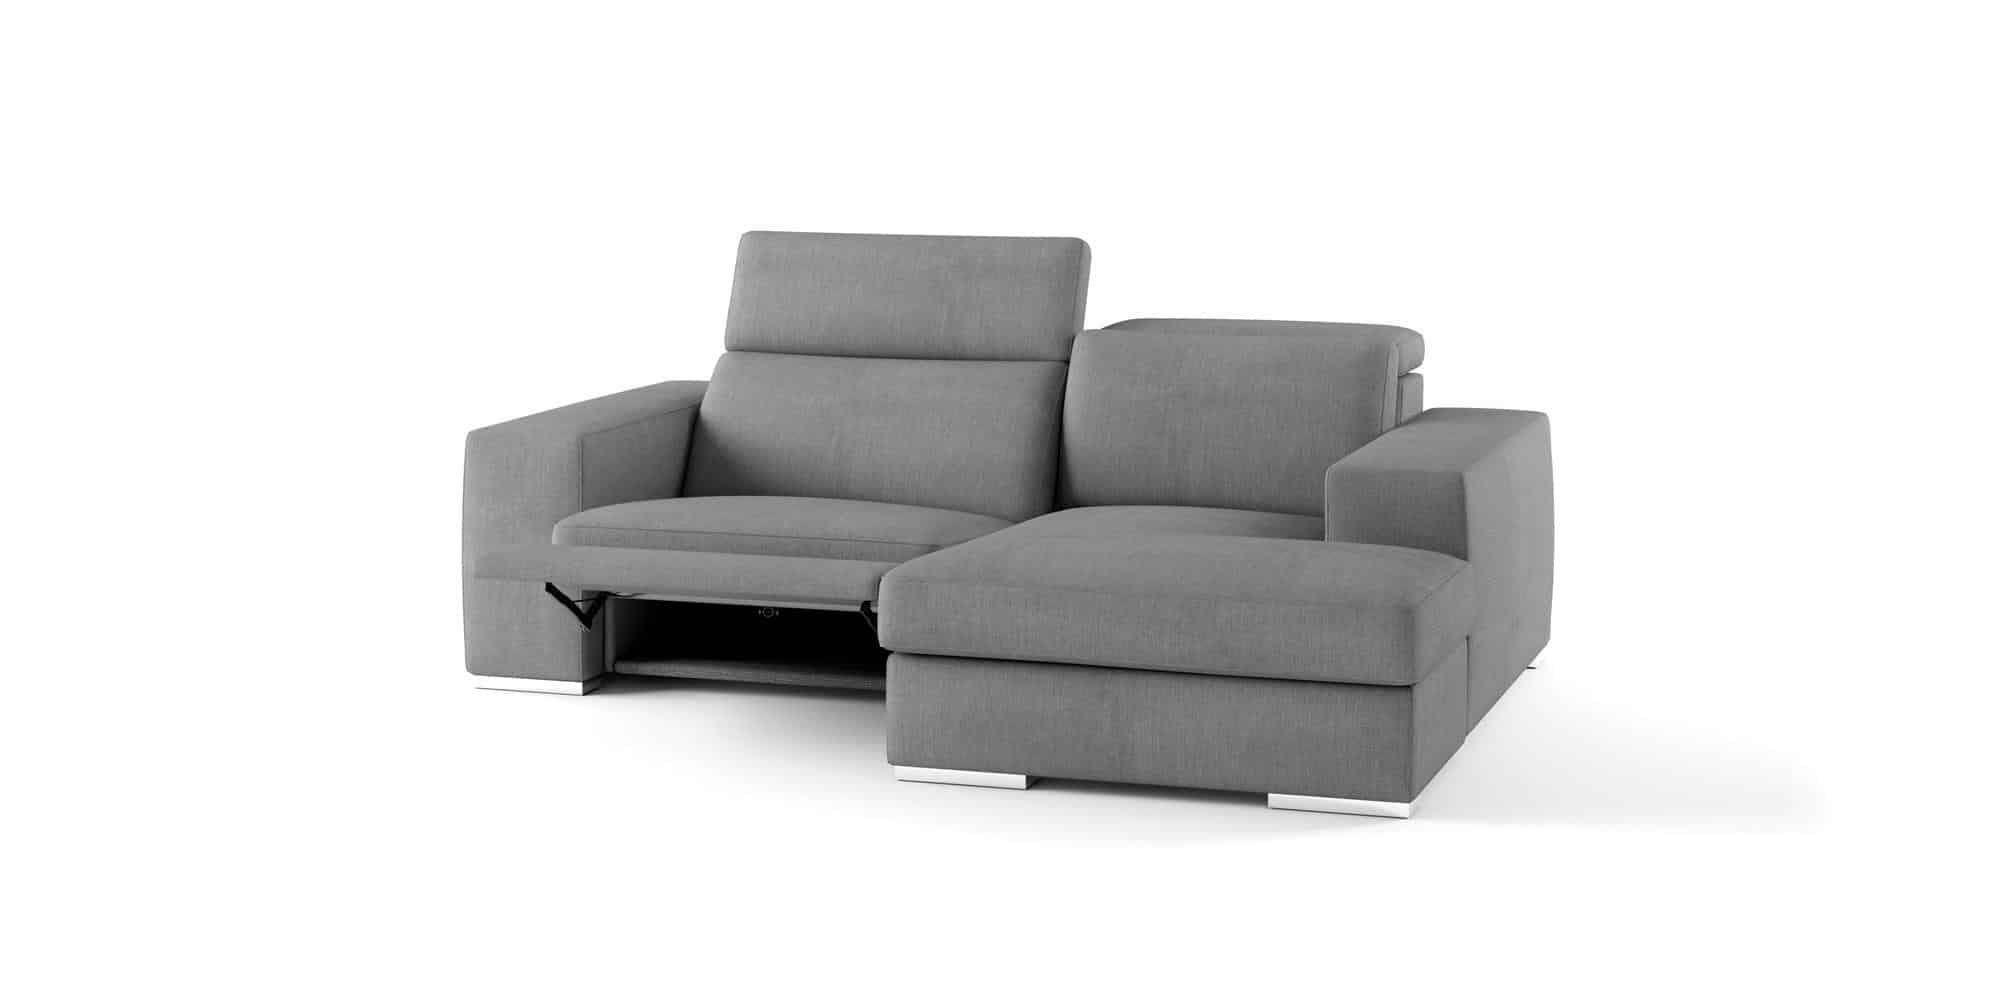 Bellagio large – Composizione Relax con Chaise Longue – 224×170